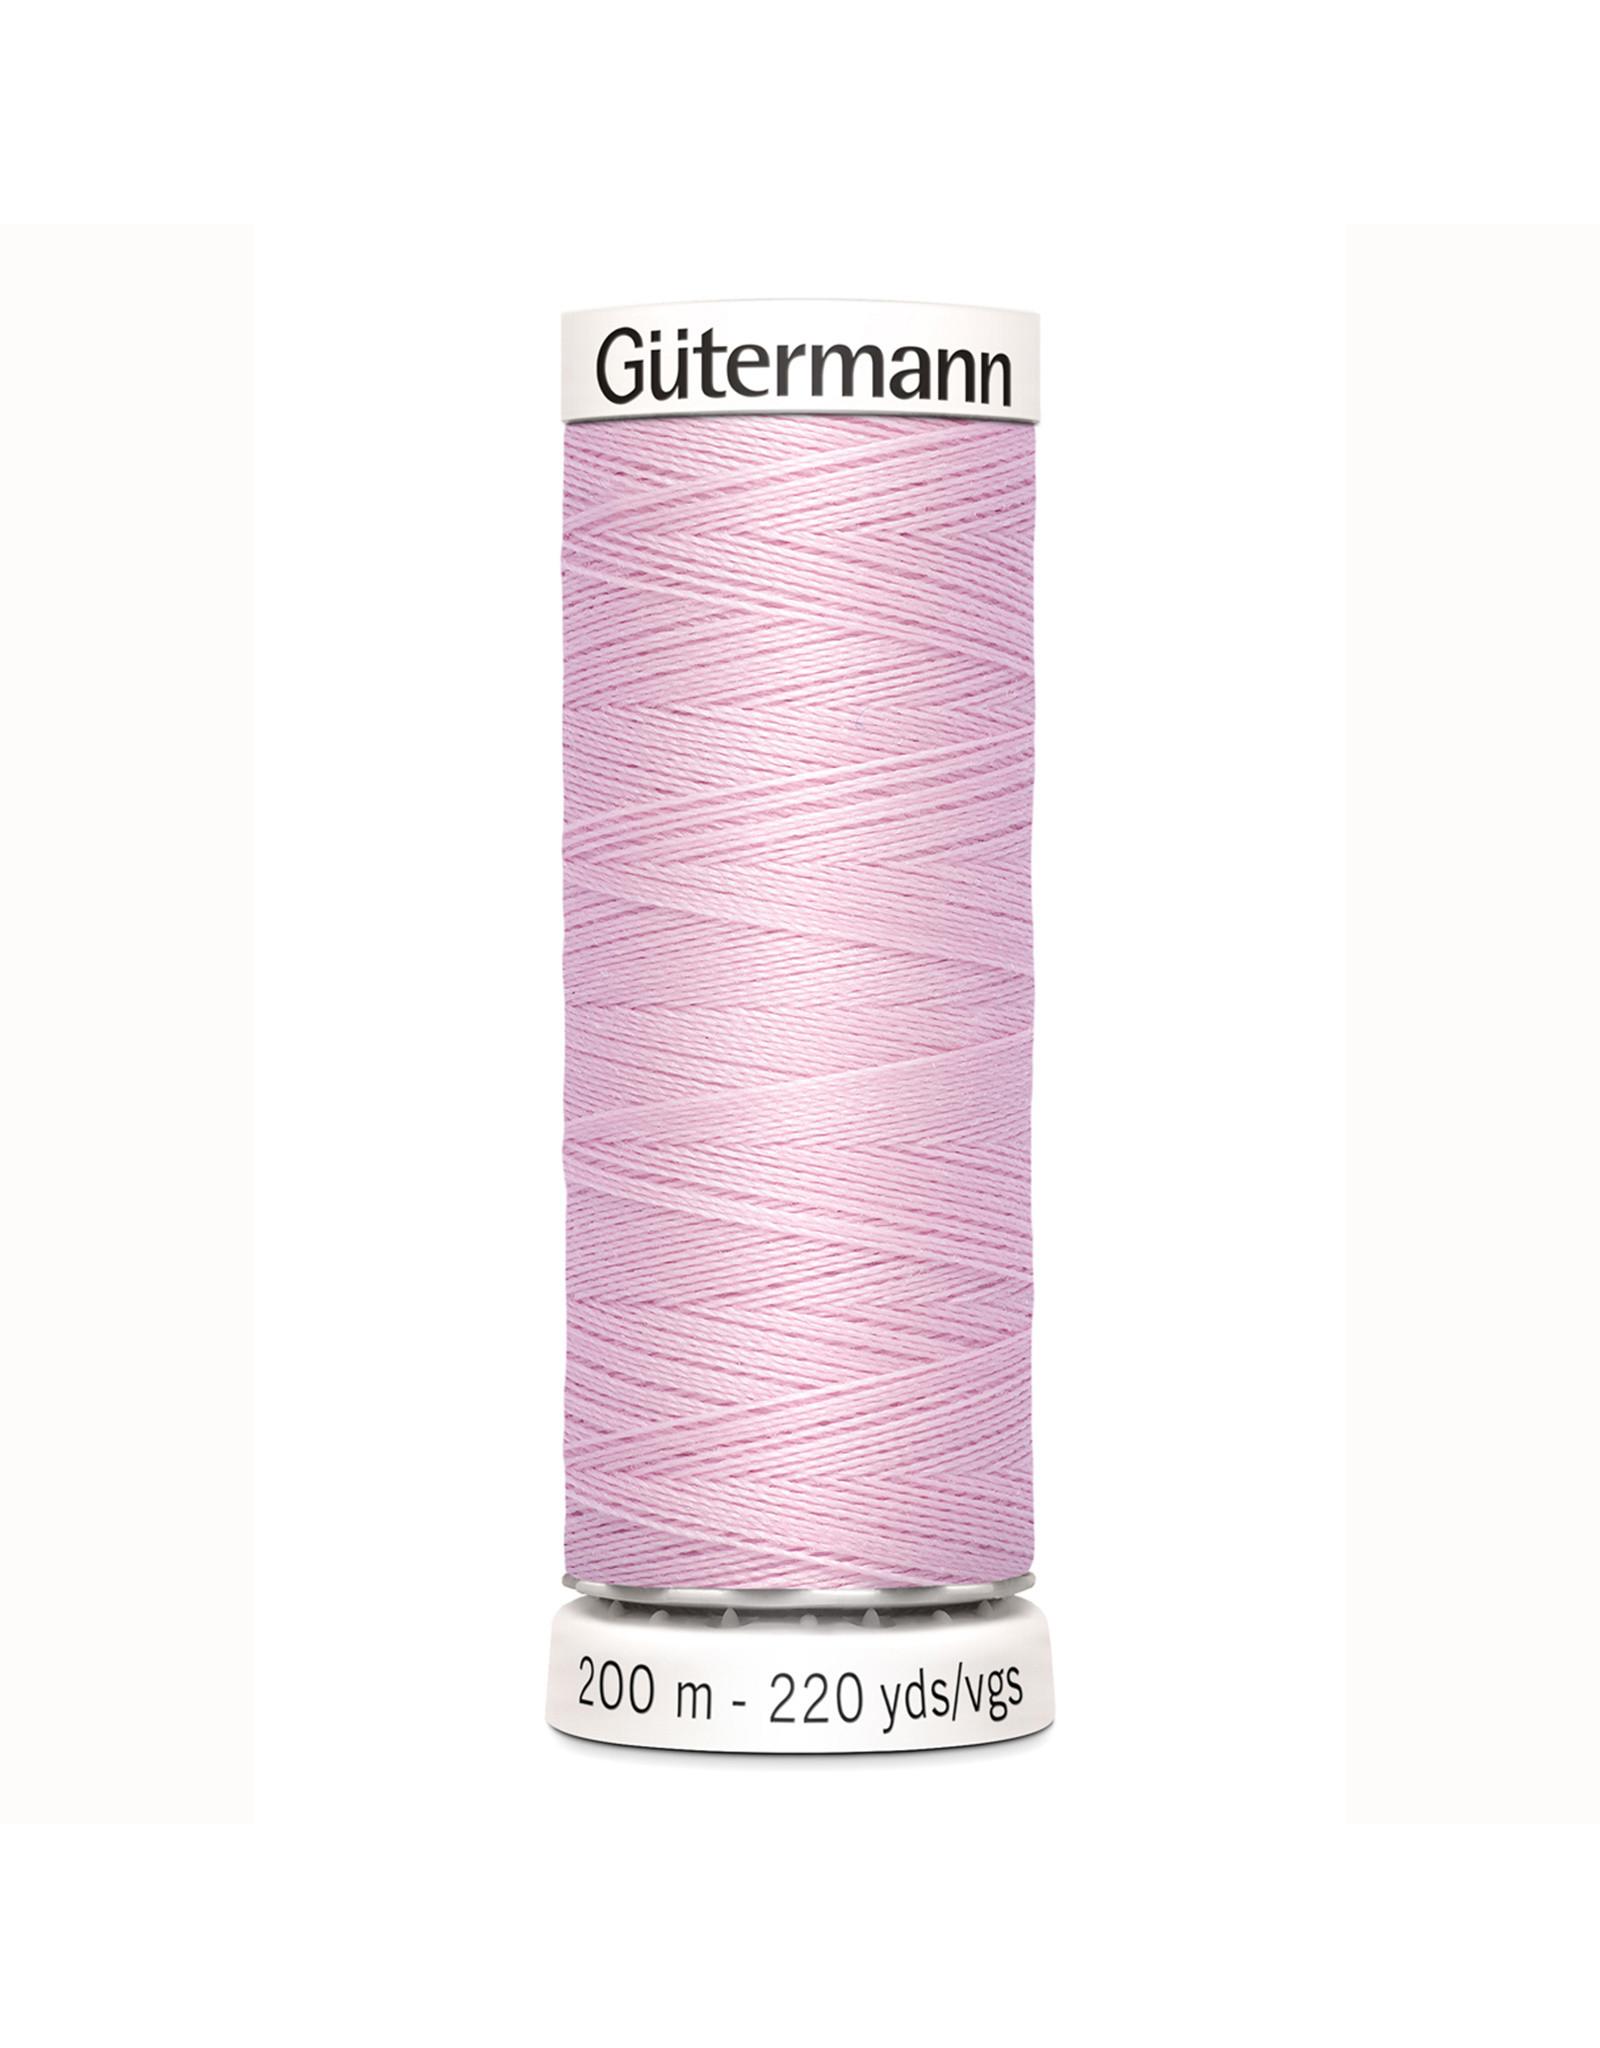 Gütermann Gütermann Nähgarn 200 m - nr 320